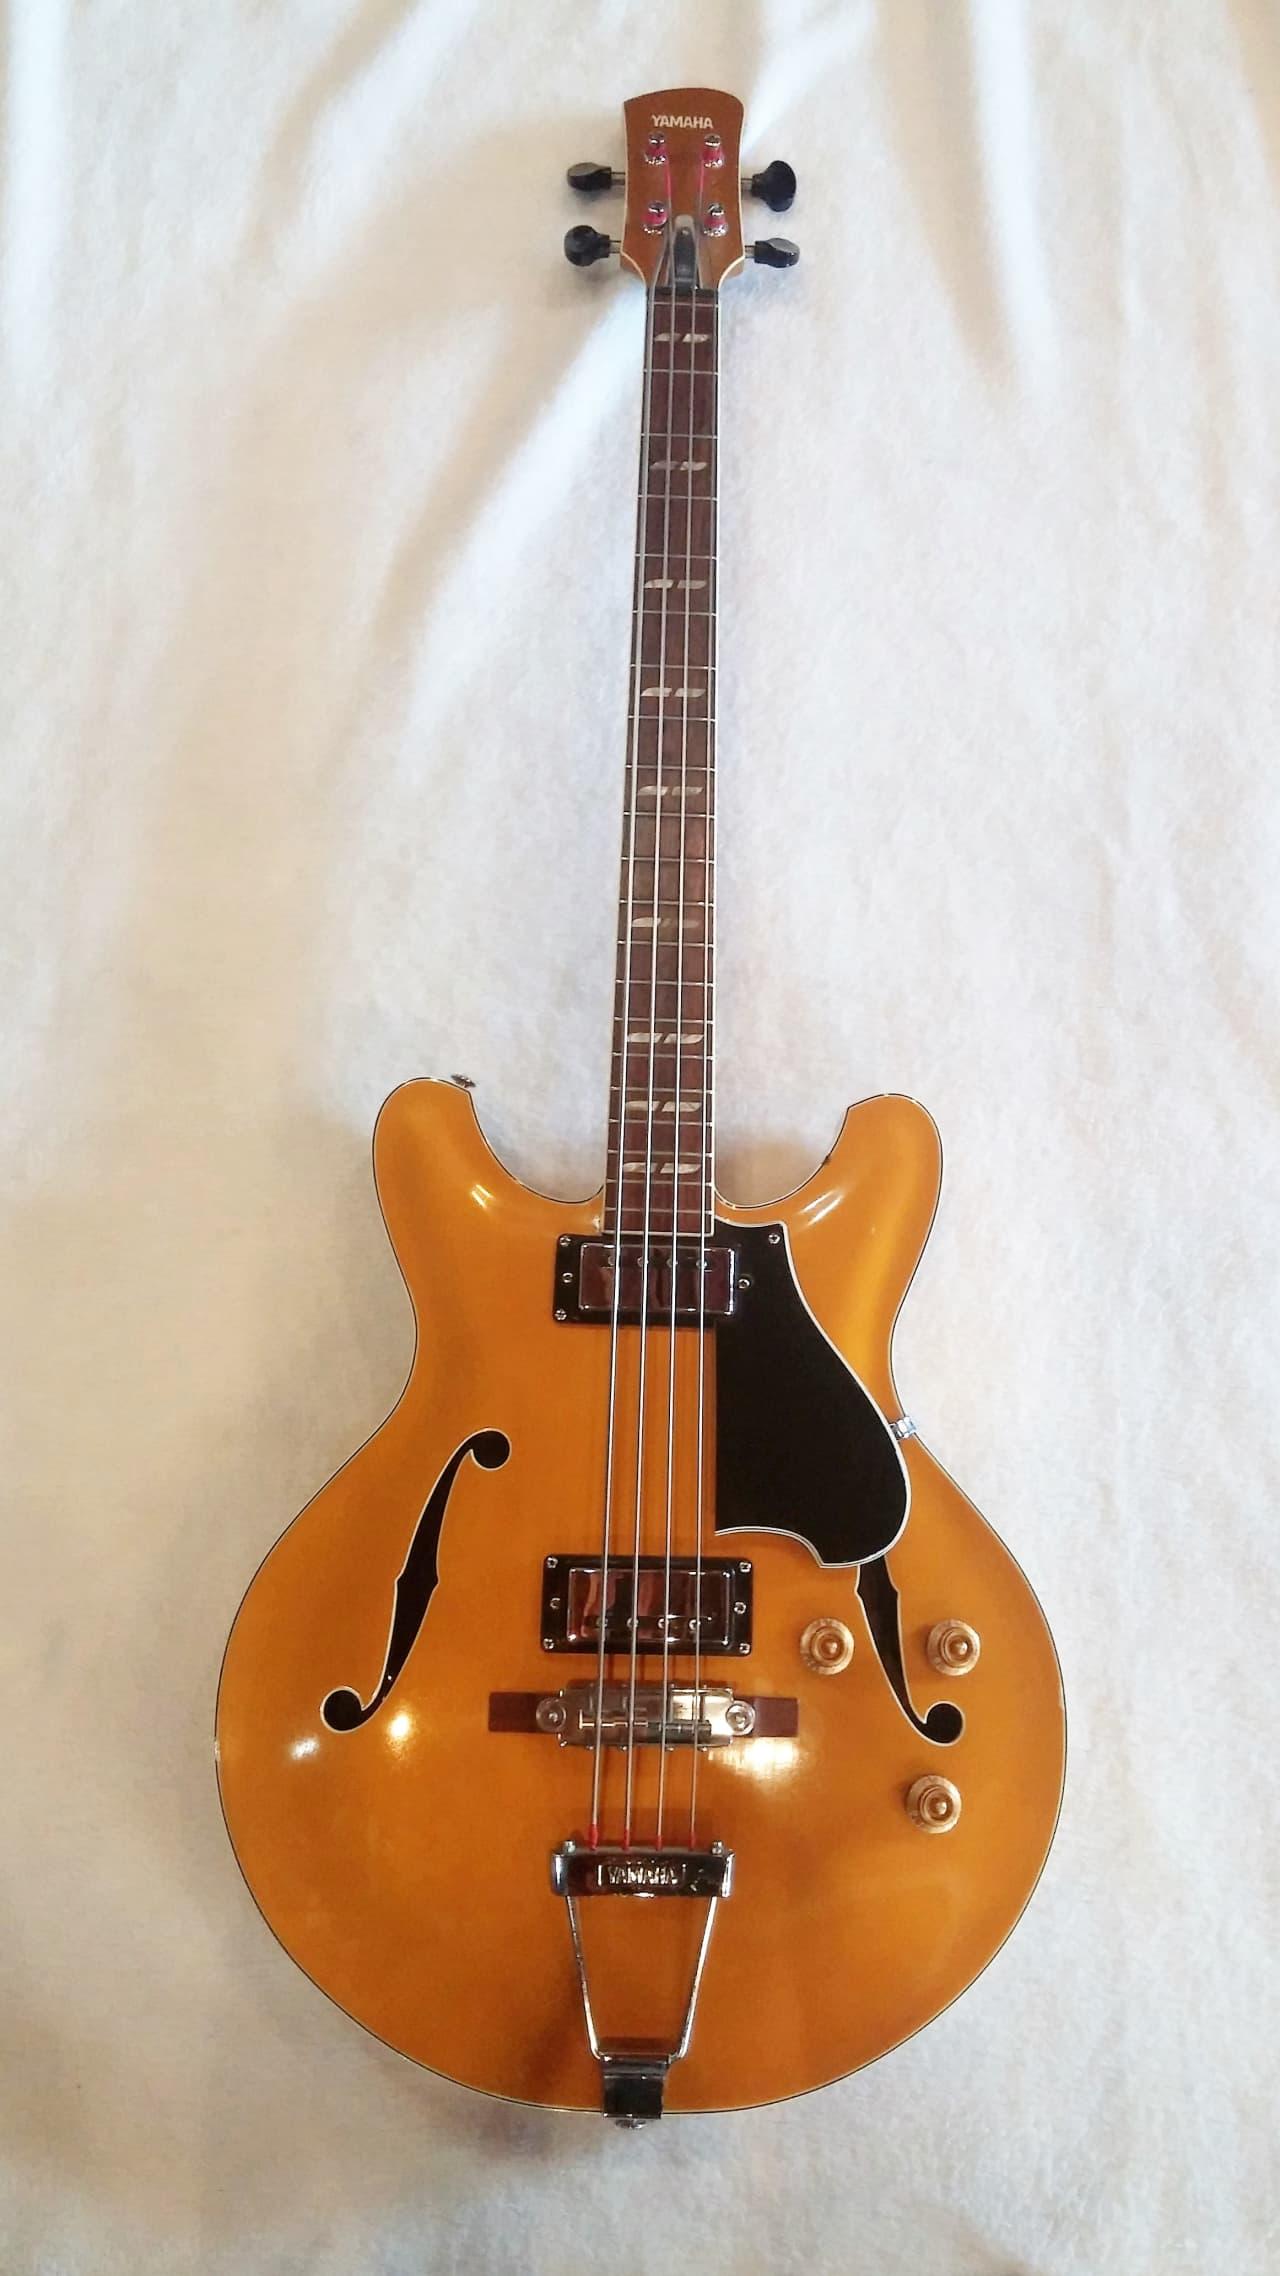 Yamaha sa 70 bass guitar 1972 gold reverb for Yamaha bass guitars